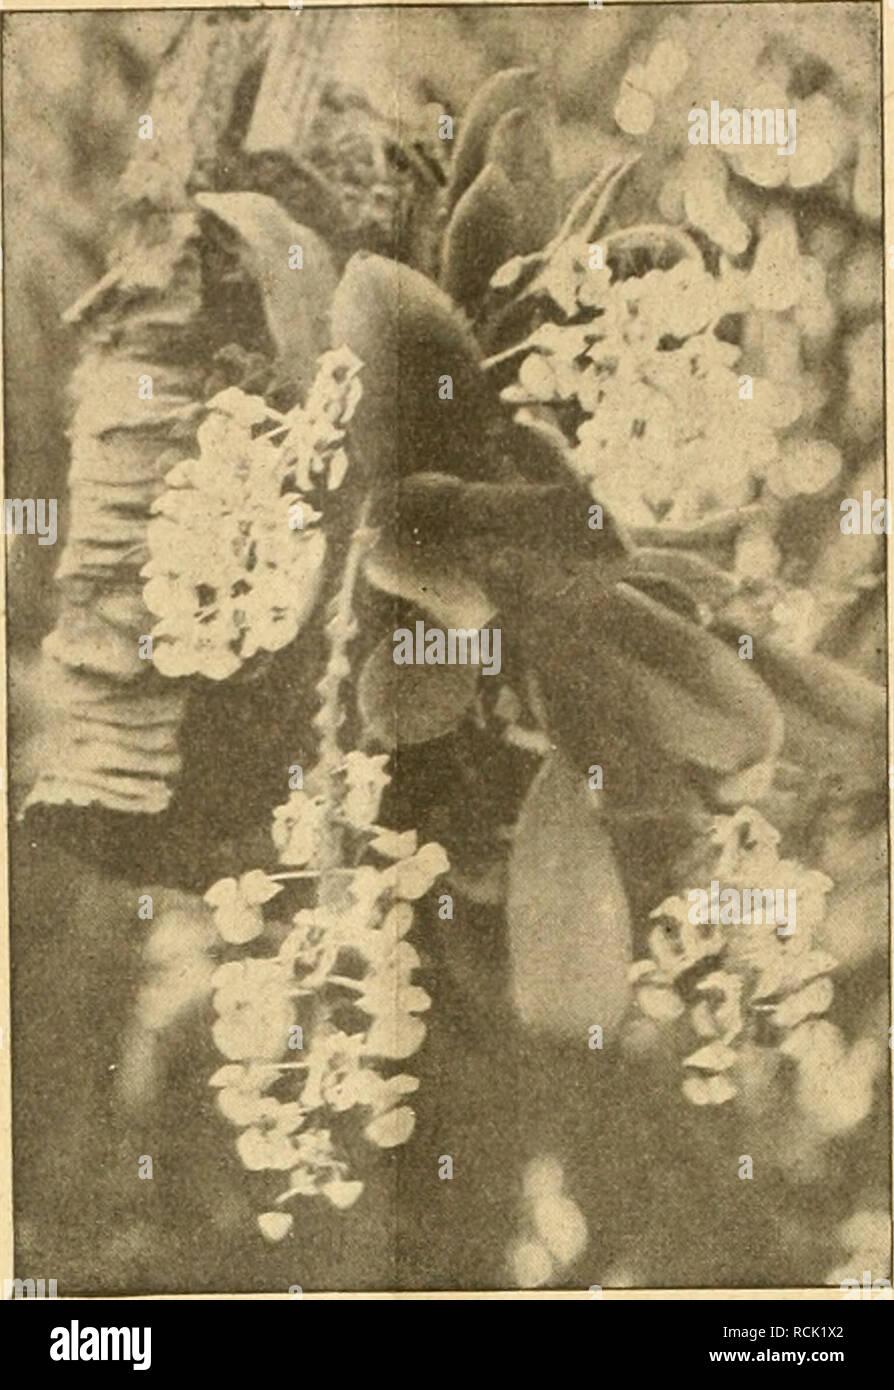 . Die Gartenwelt. Gardening. 82 Die Gartenwelt. XXIII, Winter die kühlste Stelle im ge- mäßigt warmen Orchideenhause, wo sie nicht gar zu sonnig hängt. Für recht fleißiges Spritzen mit Regenwasser ist sie sehr dankbar. Die Blätter dürfen im Sommer fast nie abtrocknen. Es wäre sehr zu wünschen, daß gerade diese Art größere Verbreitung unter den Liebhabern fände, denn durch ihre Lieblichkeit, Anspruchslosigkeit und lange Blütendauer ist sie in erster Linie mit dazu berufen, das In- teresse für diese Pflanzenfarailie in Liebhaberkreisen zu fördern. B. Voigtländer. Topfpflanzen. Eupatorium araliae Stock Photo